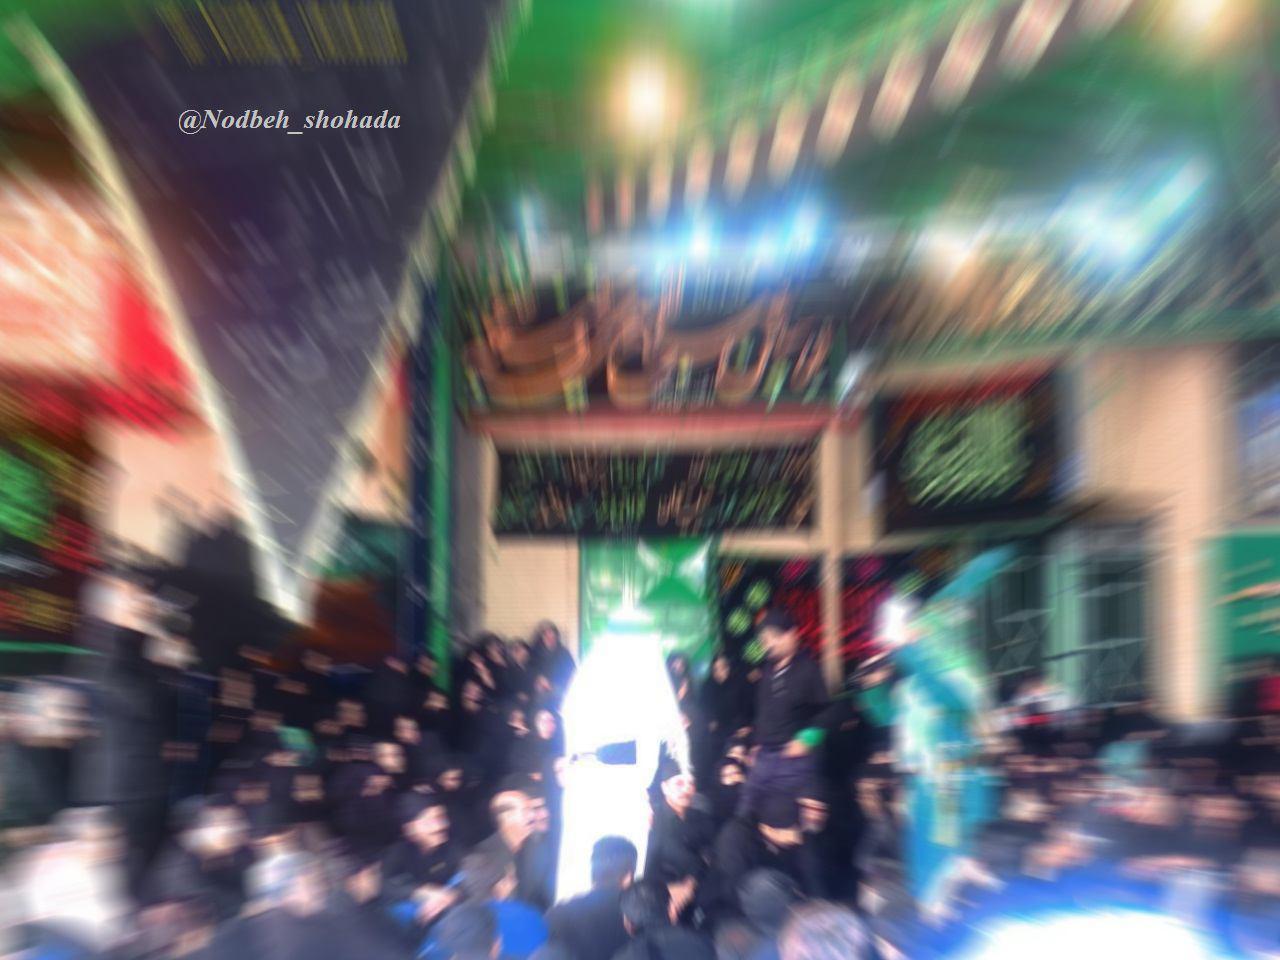 شبیه خوانی هیئت حاجی میری مرحوم محله دروازه مراغه محرم95